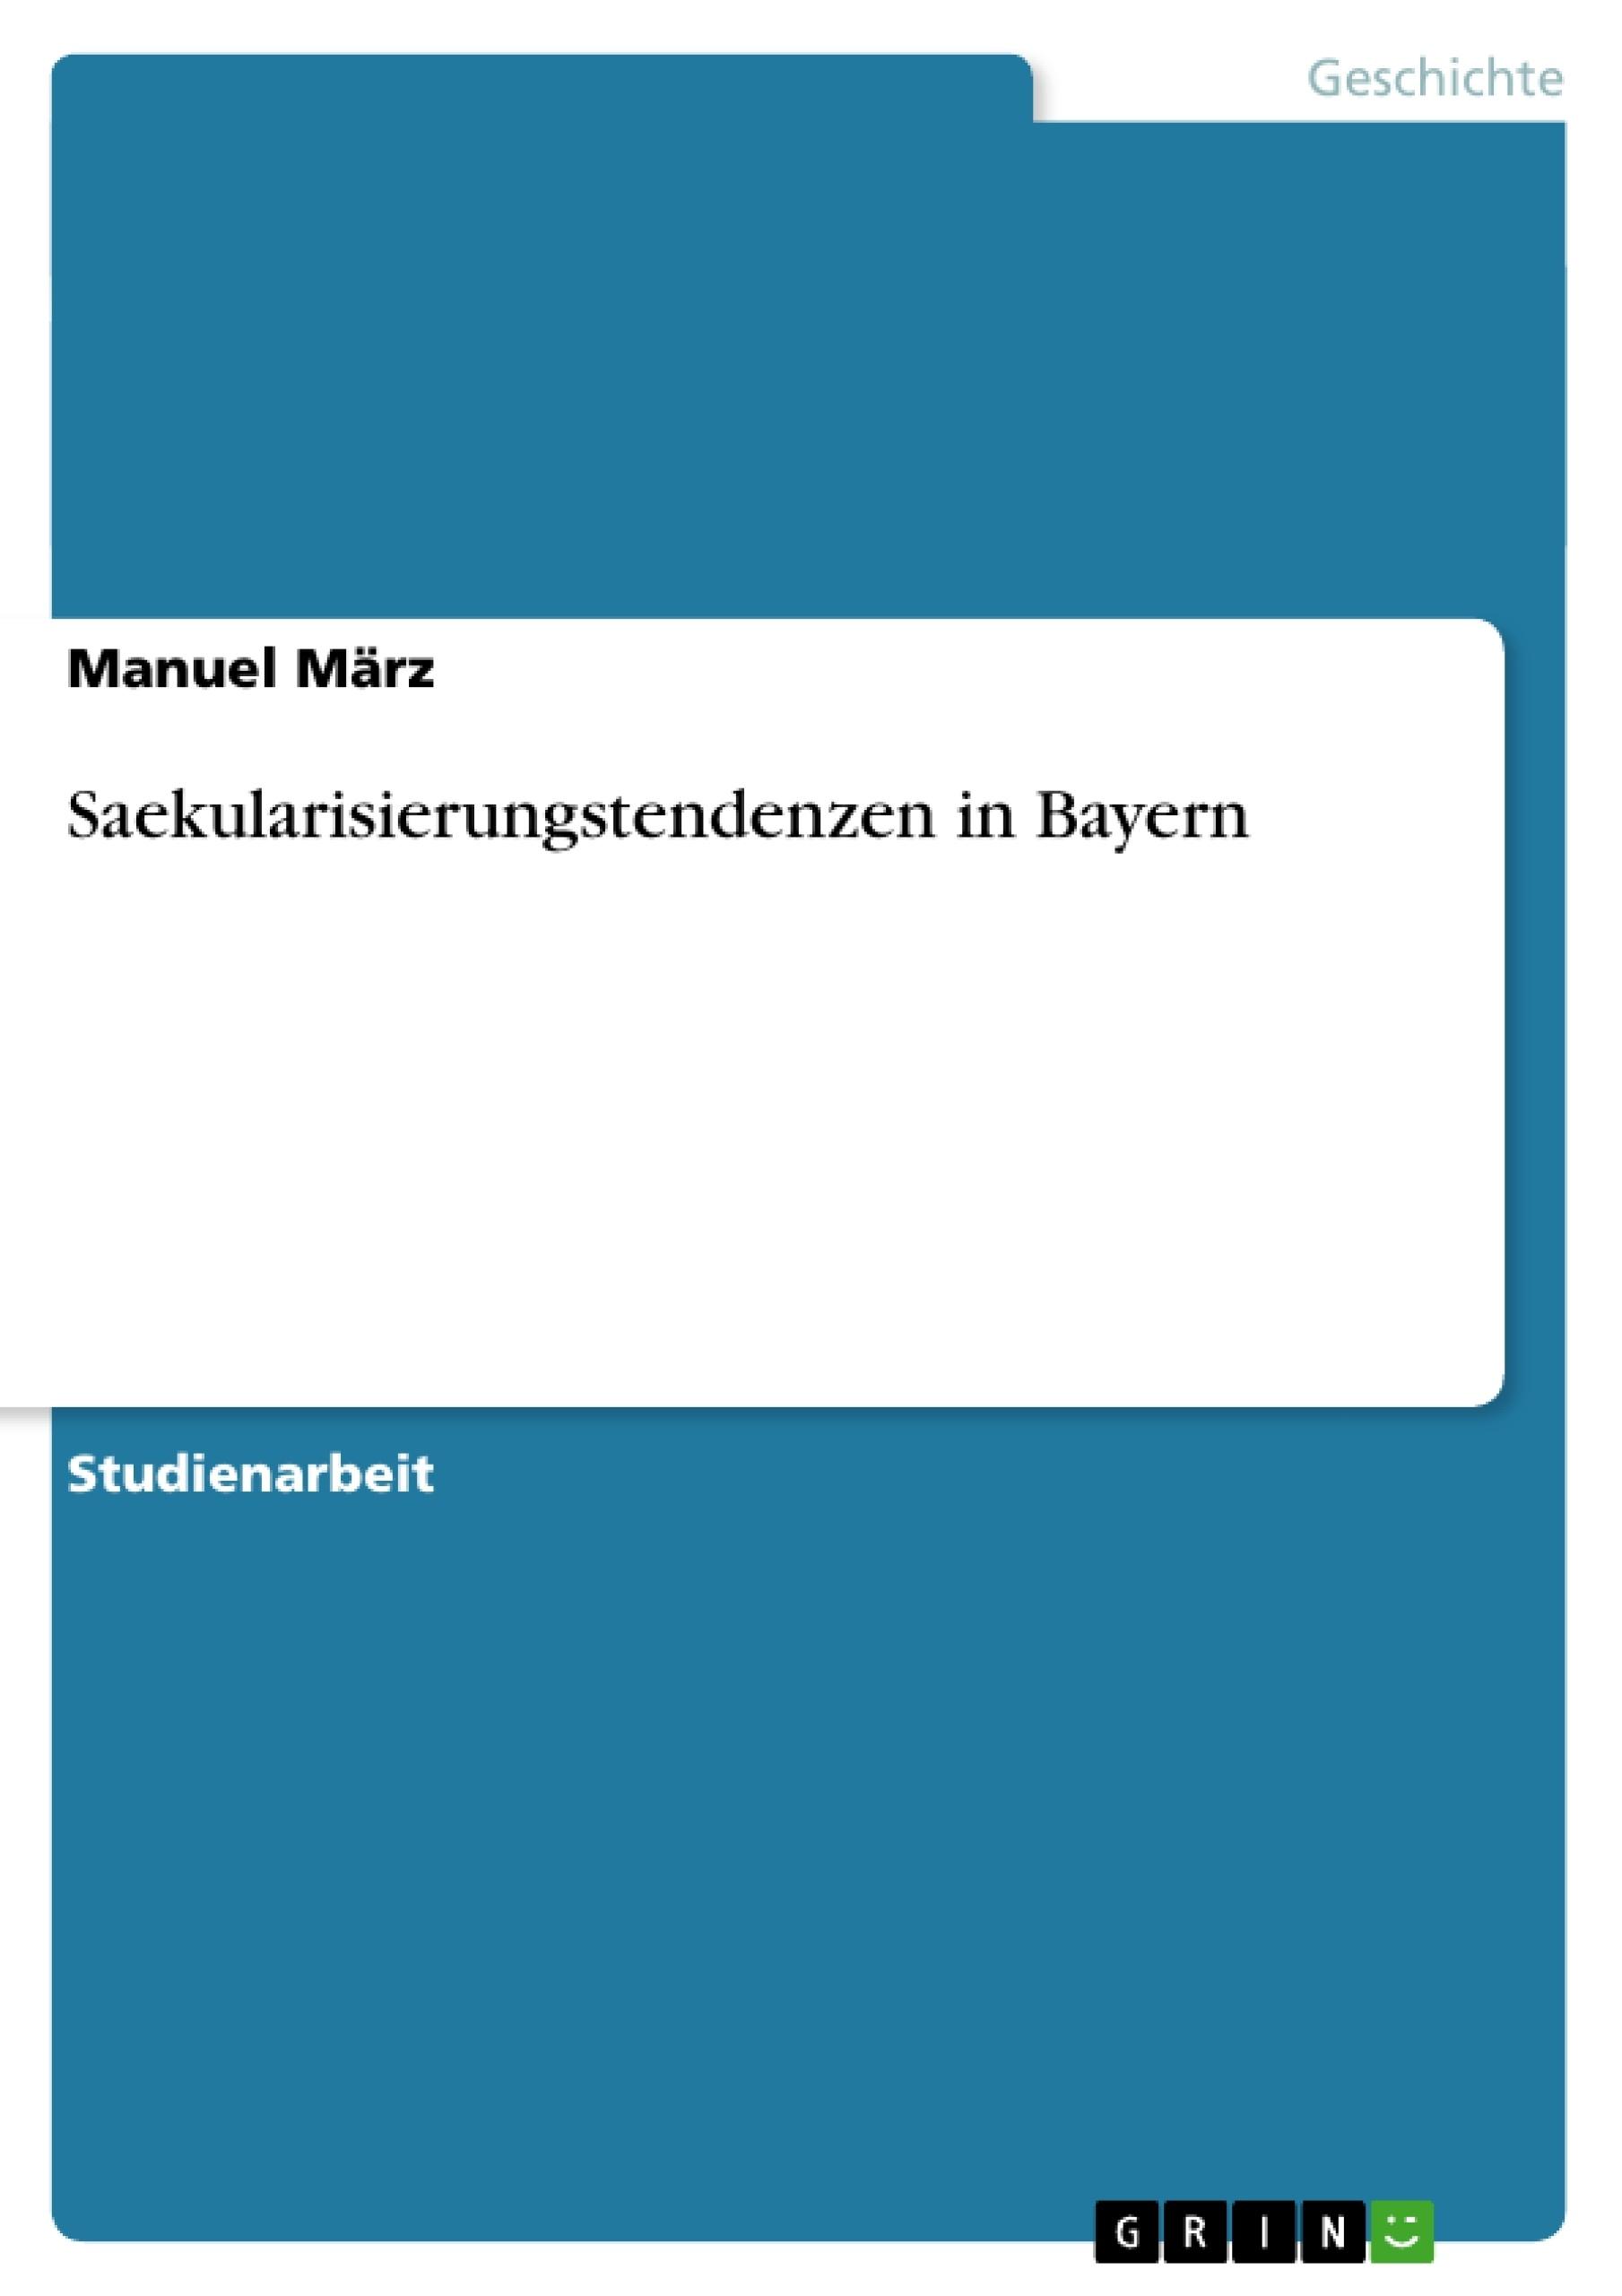 Titel: Saekularisierungstendenzen in Bayern